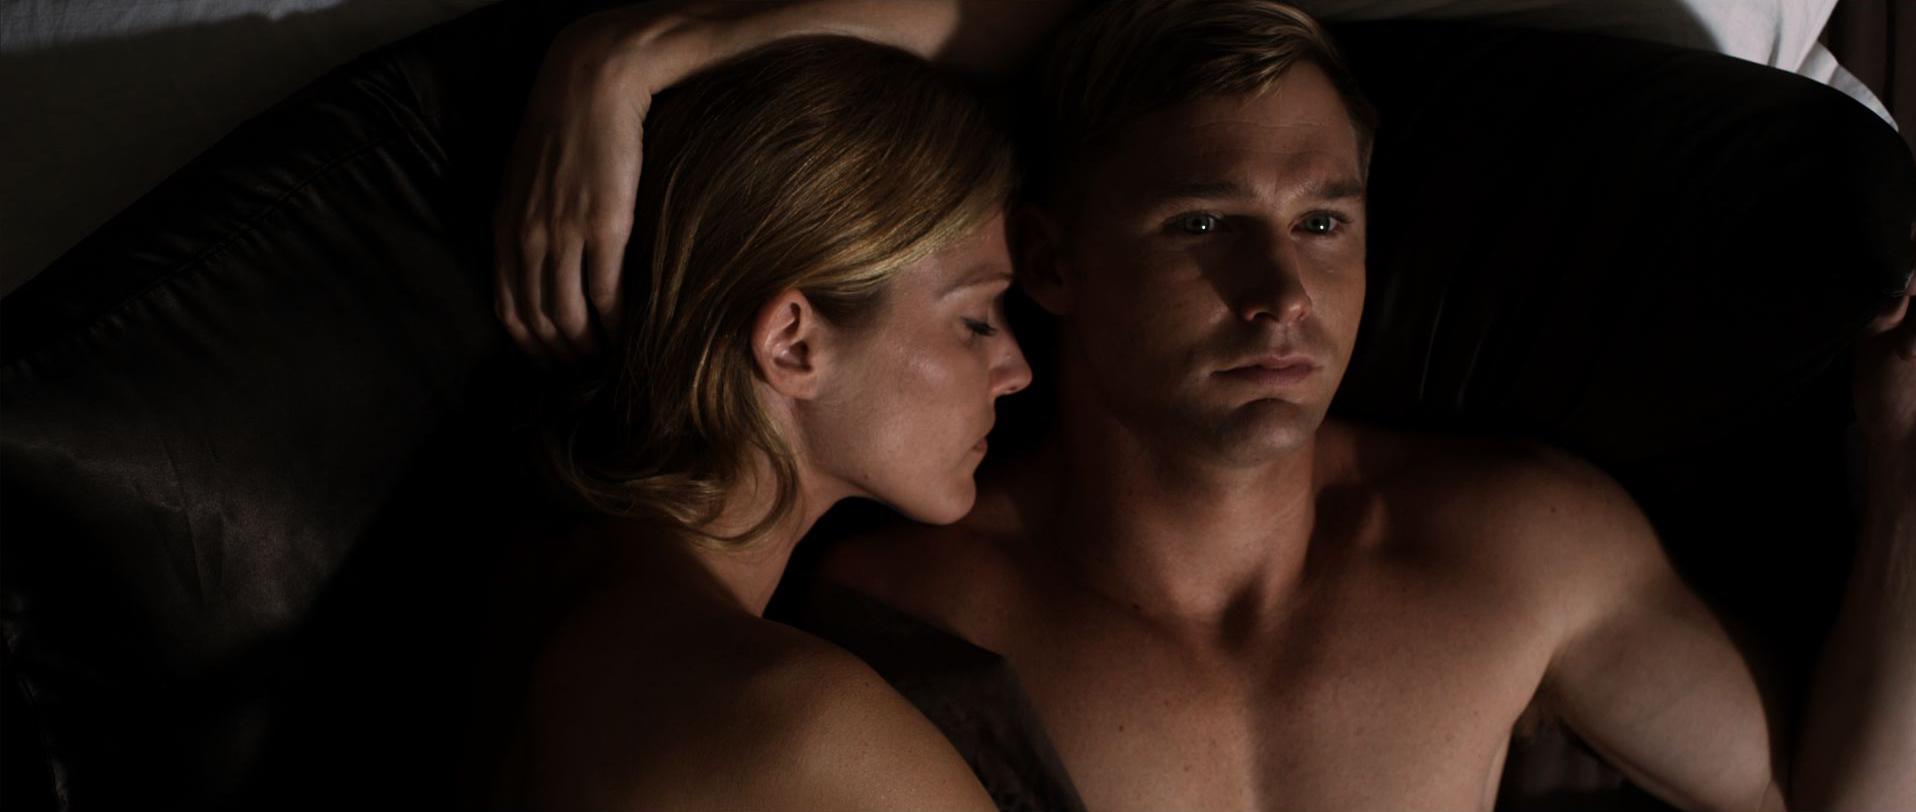 Фильм дом фото секса #1